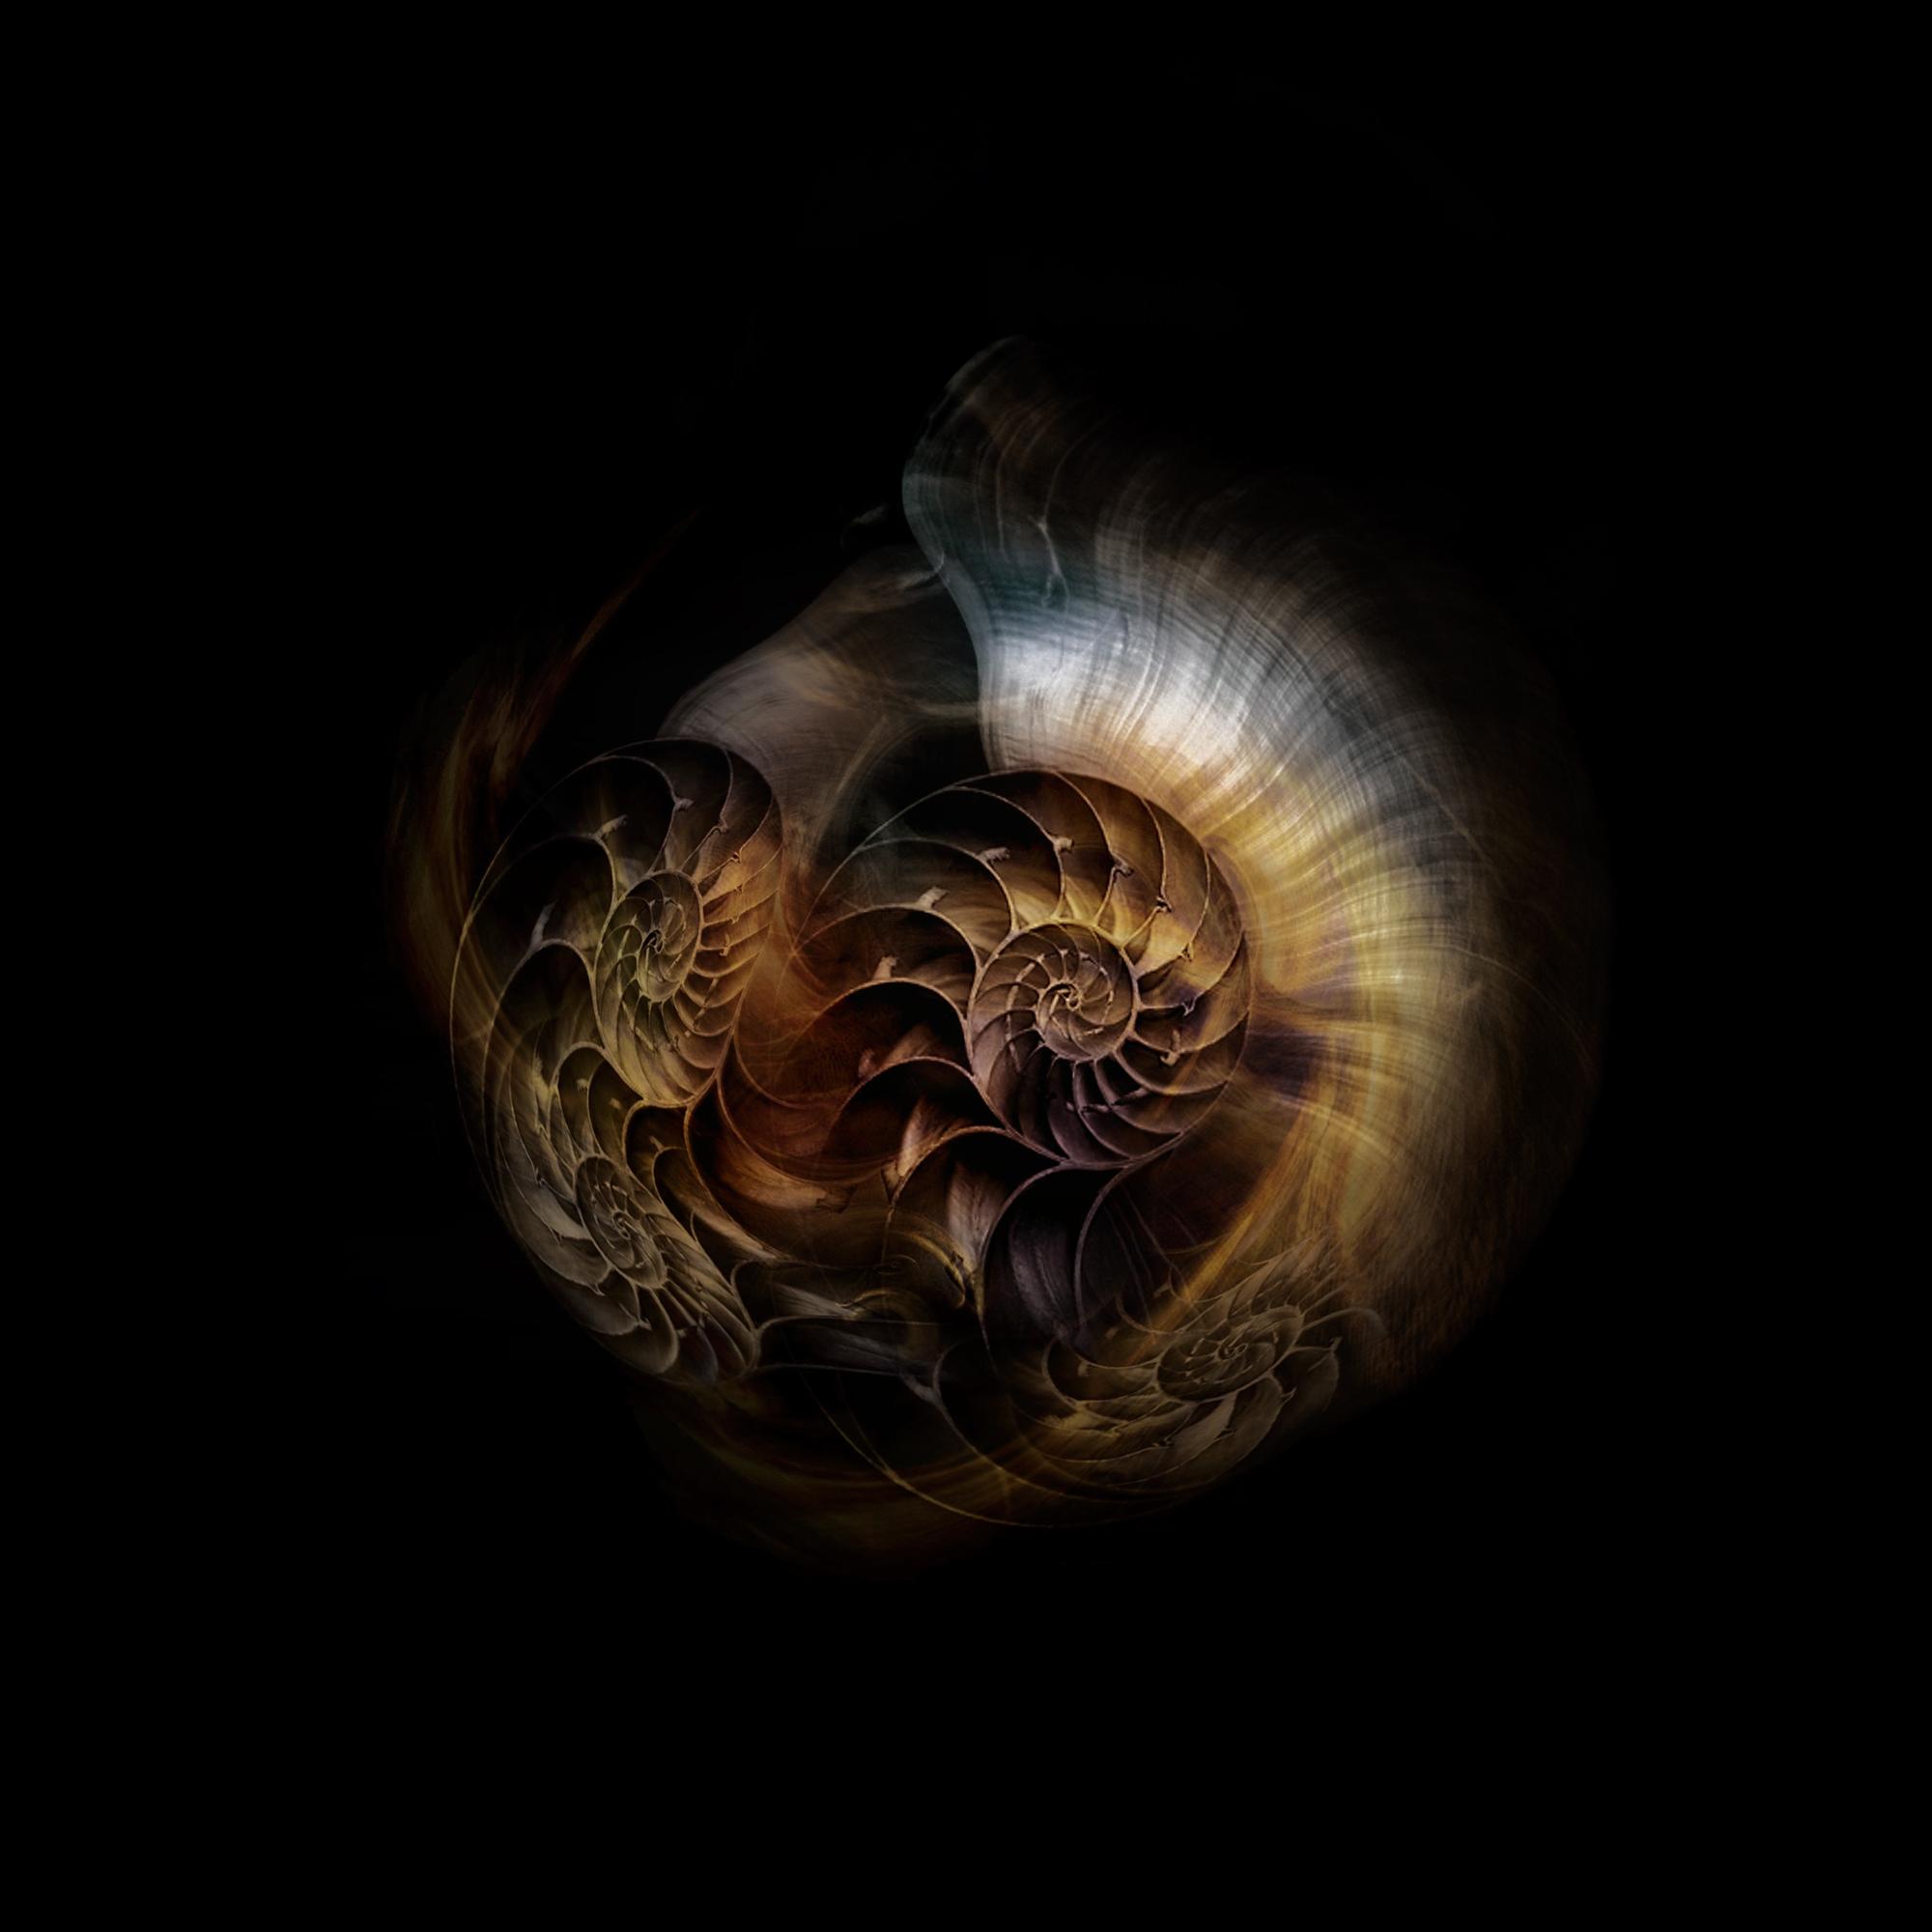 Spirals1.jpg